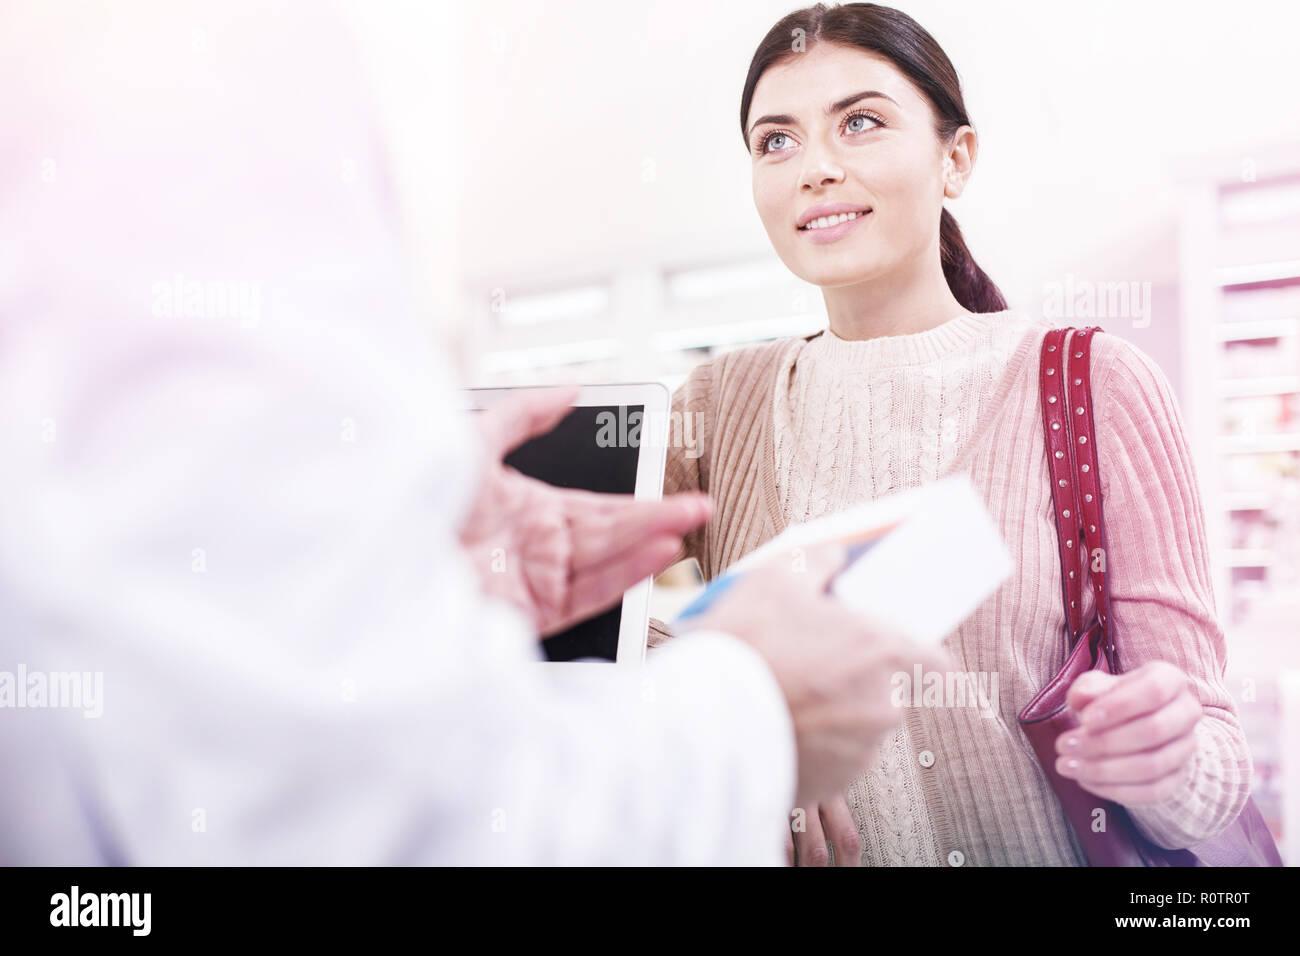 Hilfreich Apotheker verkaufen, um eine Heilung zu einem wartenden Kunden Stockbild